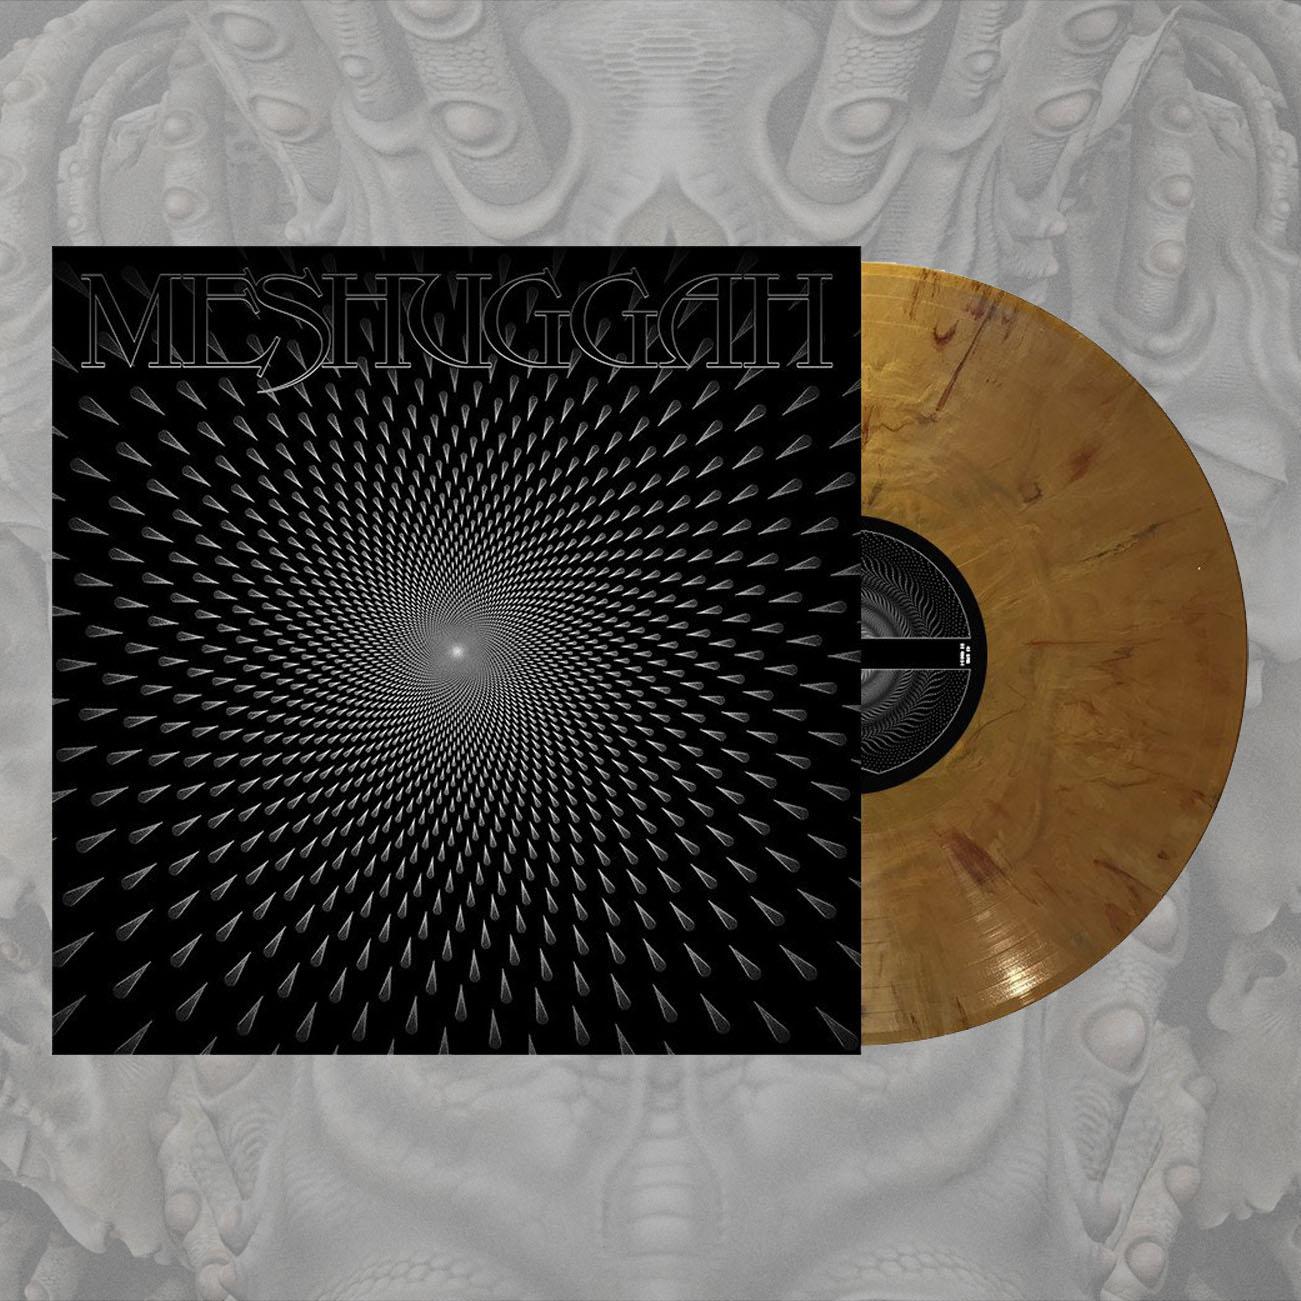 Meshuggah - 'Meshuggah' Gold LP - Meshuggah